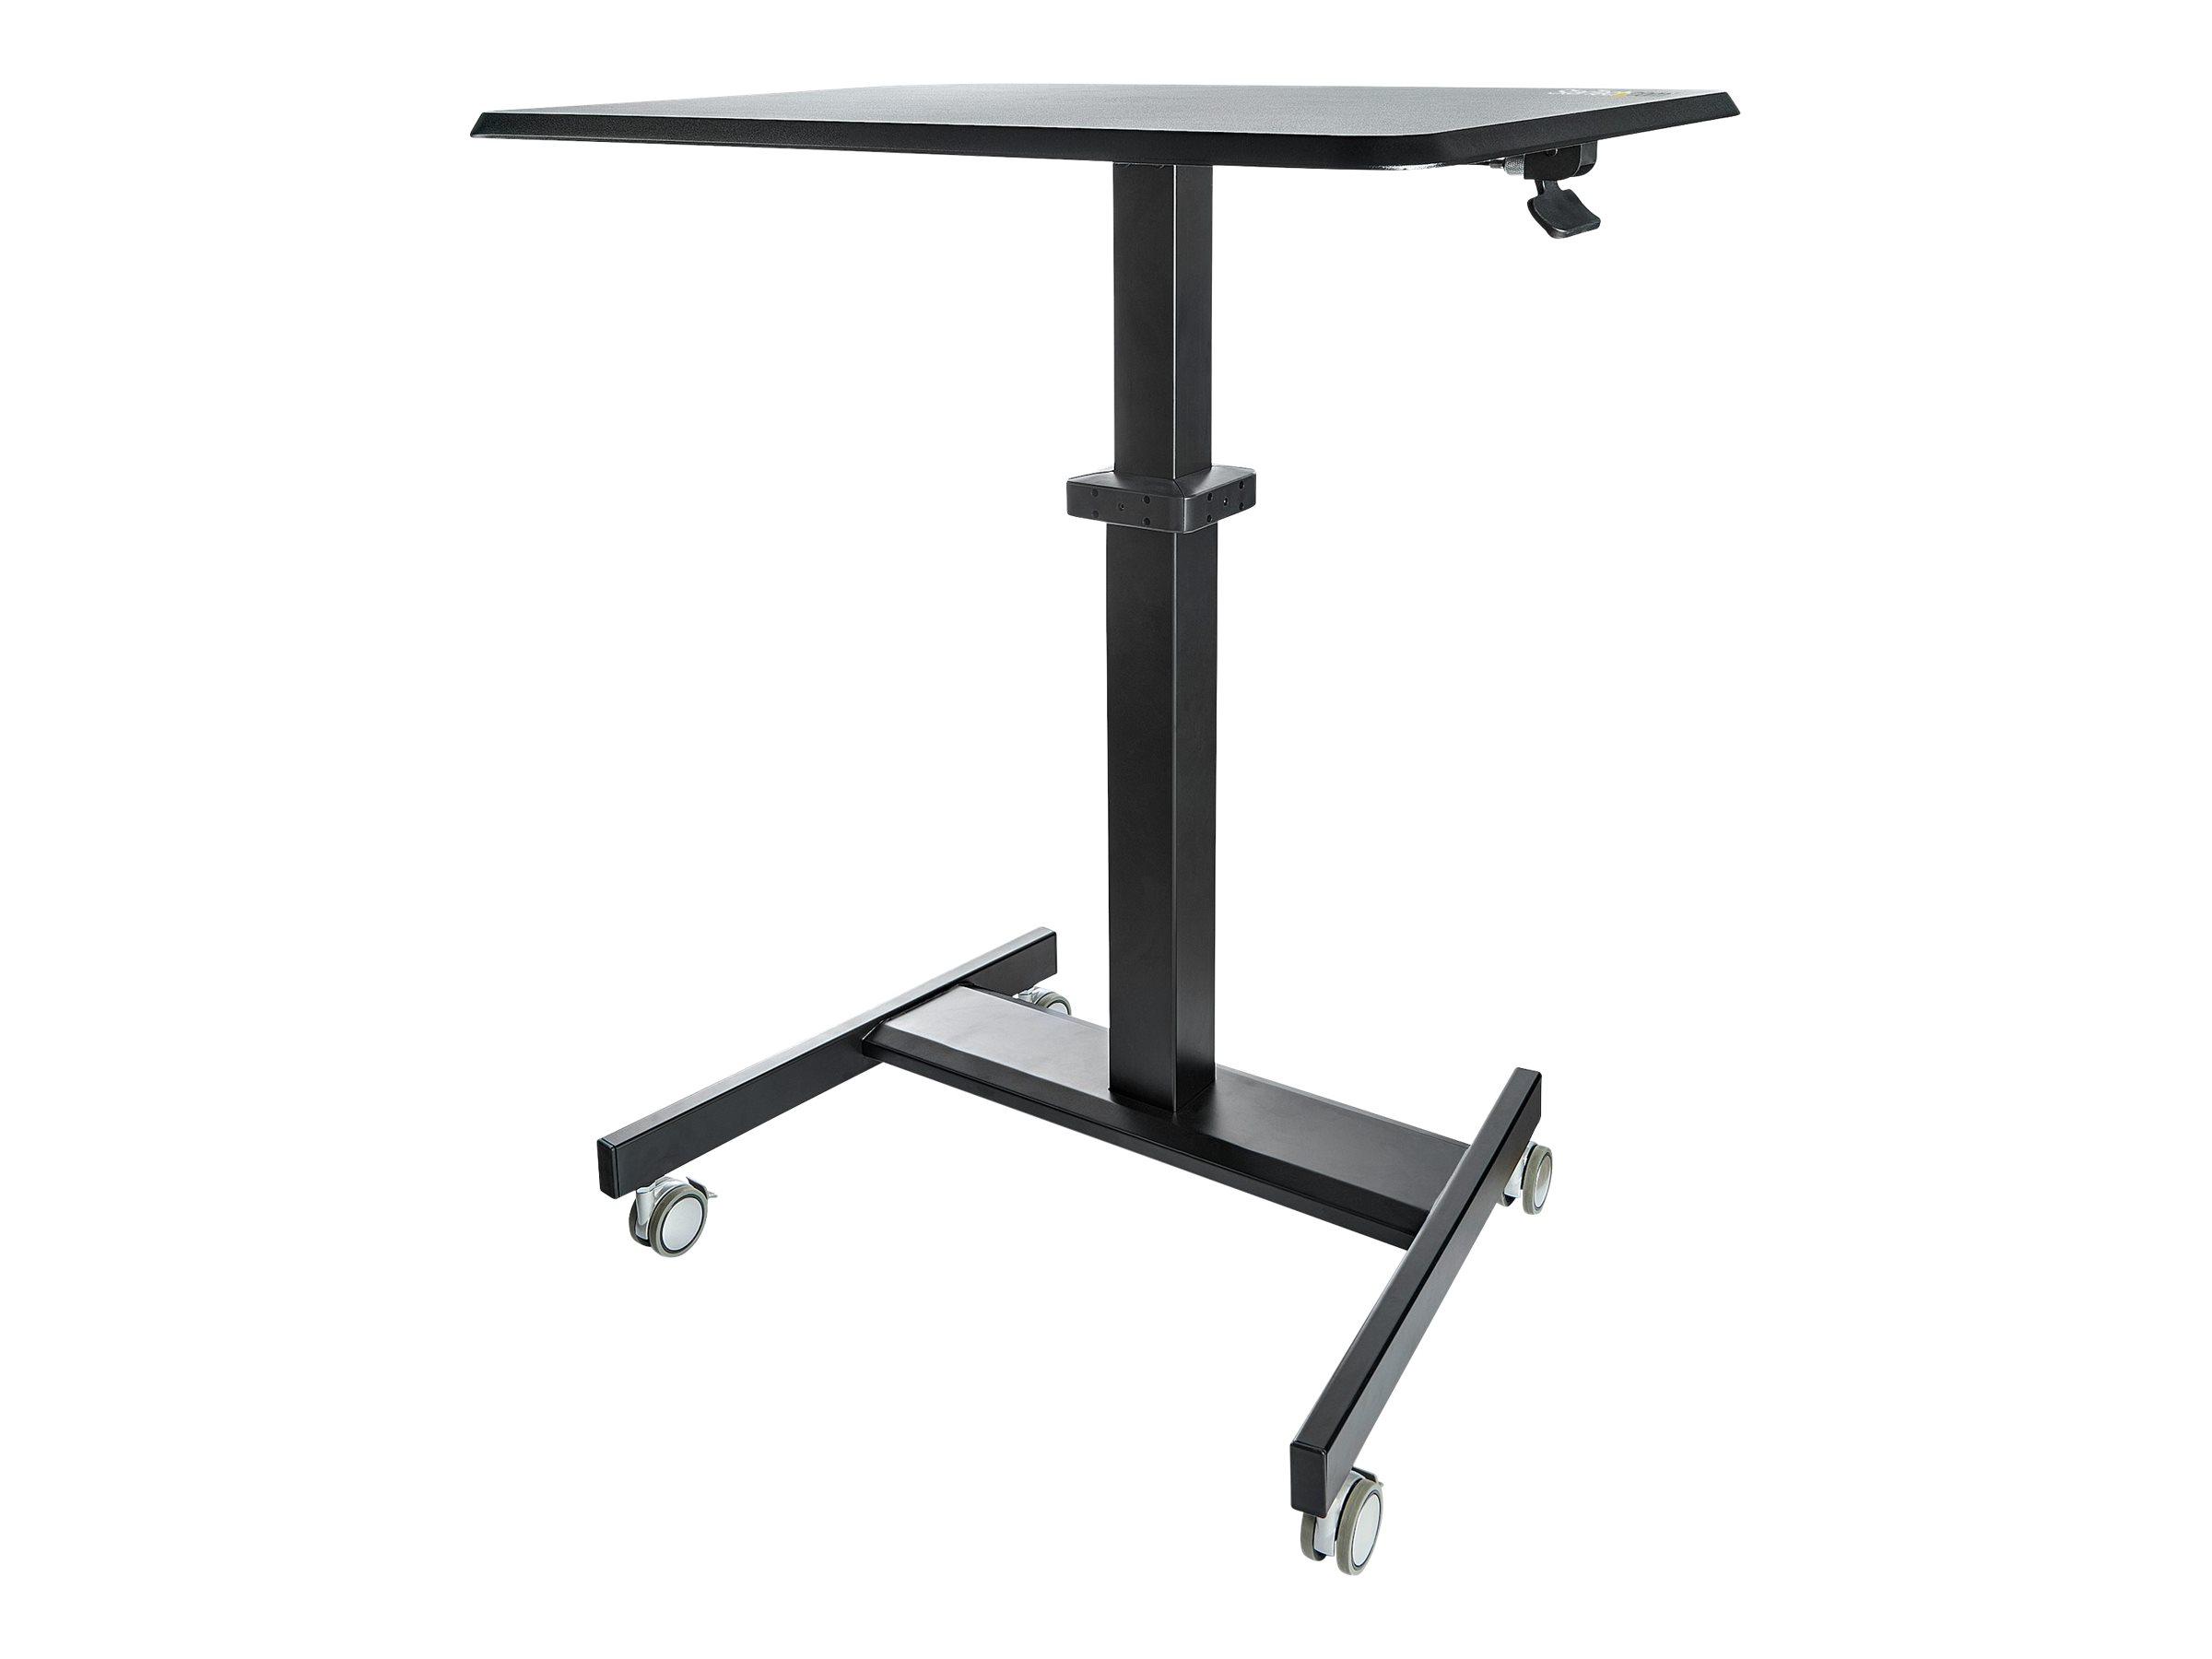 StarTech.com Höhenverstellbarer Schreibtisch - Sit Stand Workstation - Ergonomischer Stehpult mit Rollen - One-Touch-Lift für Le